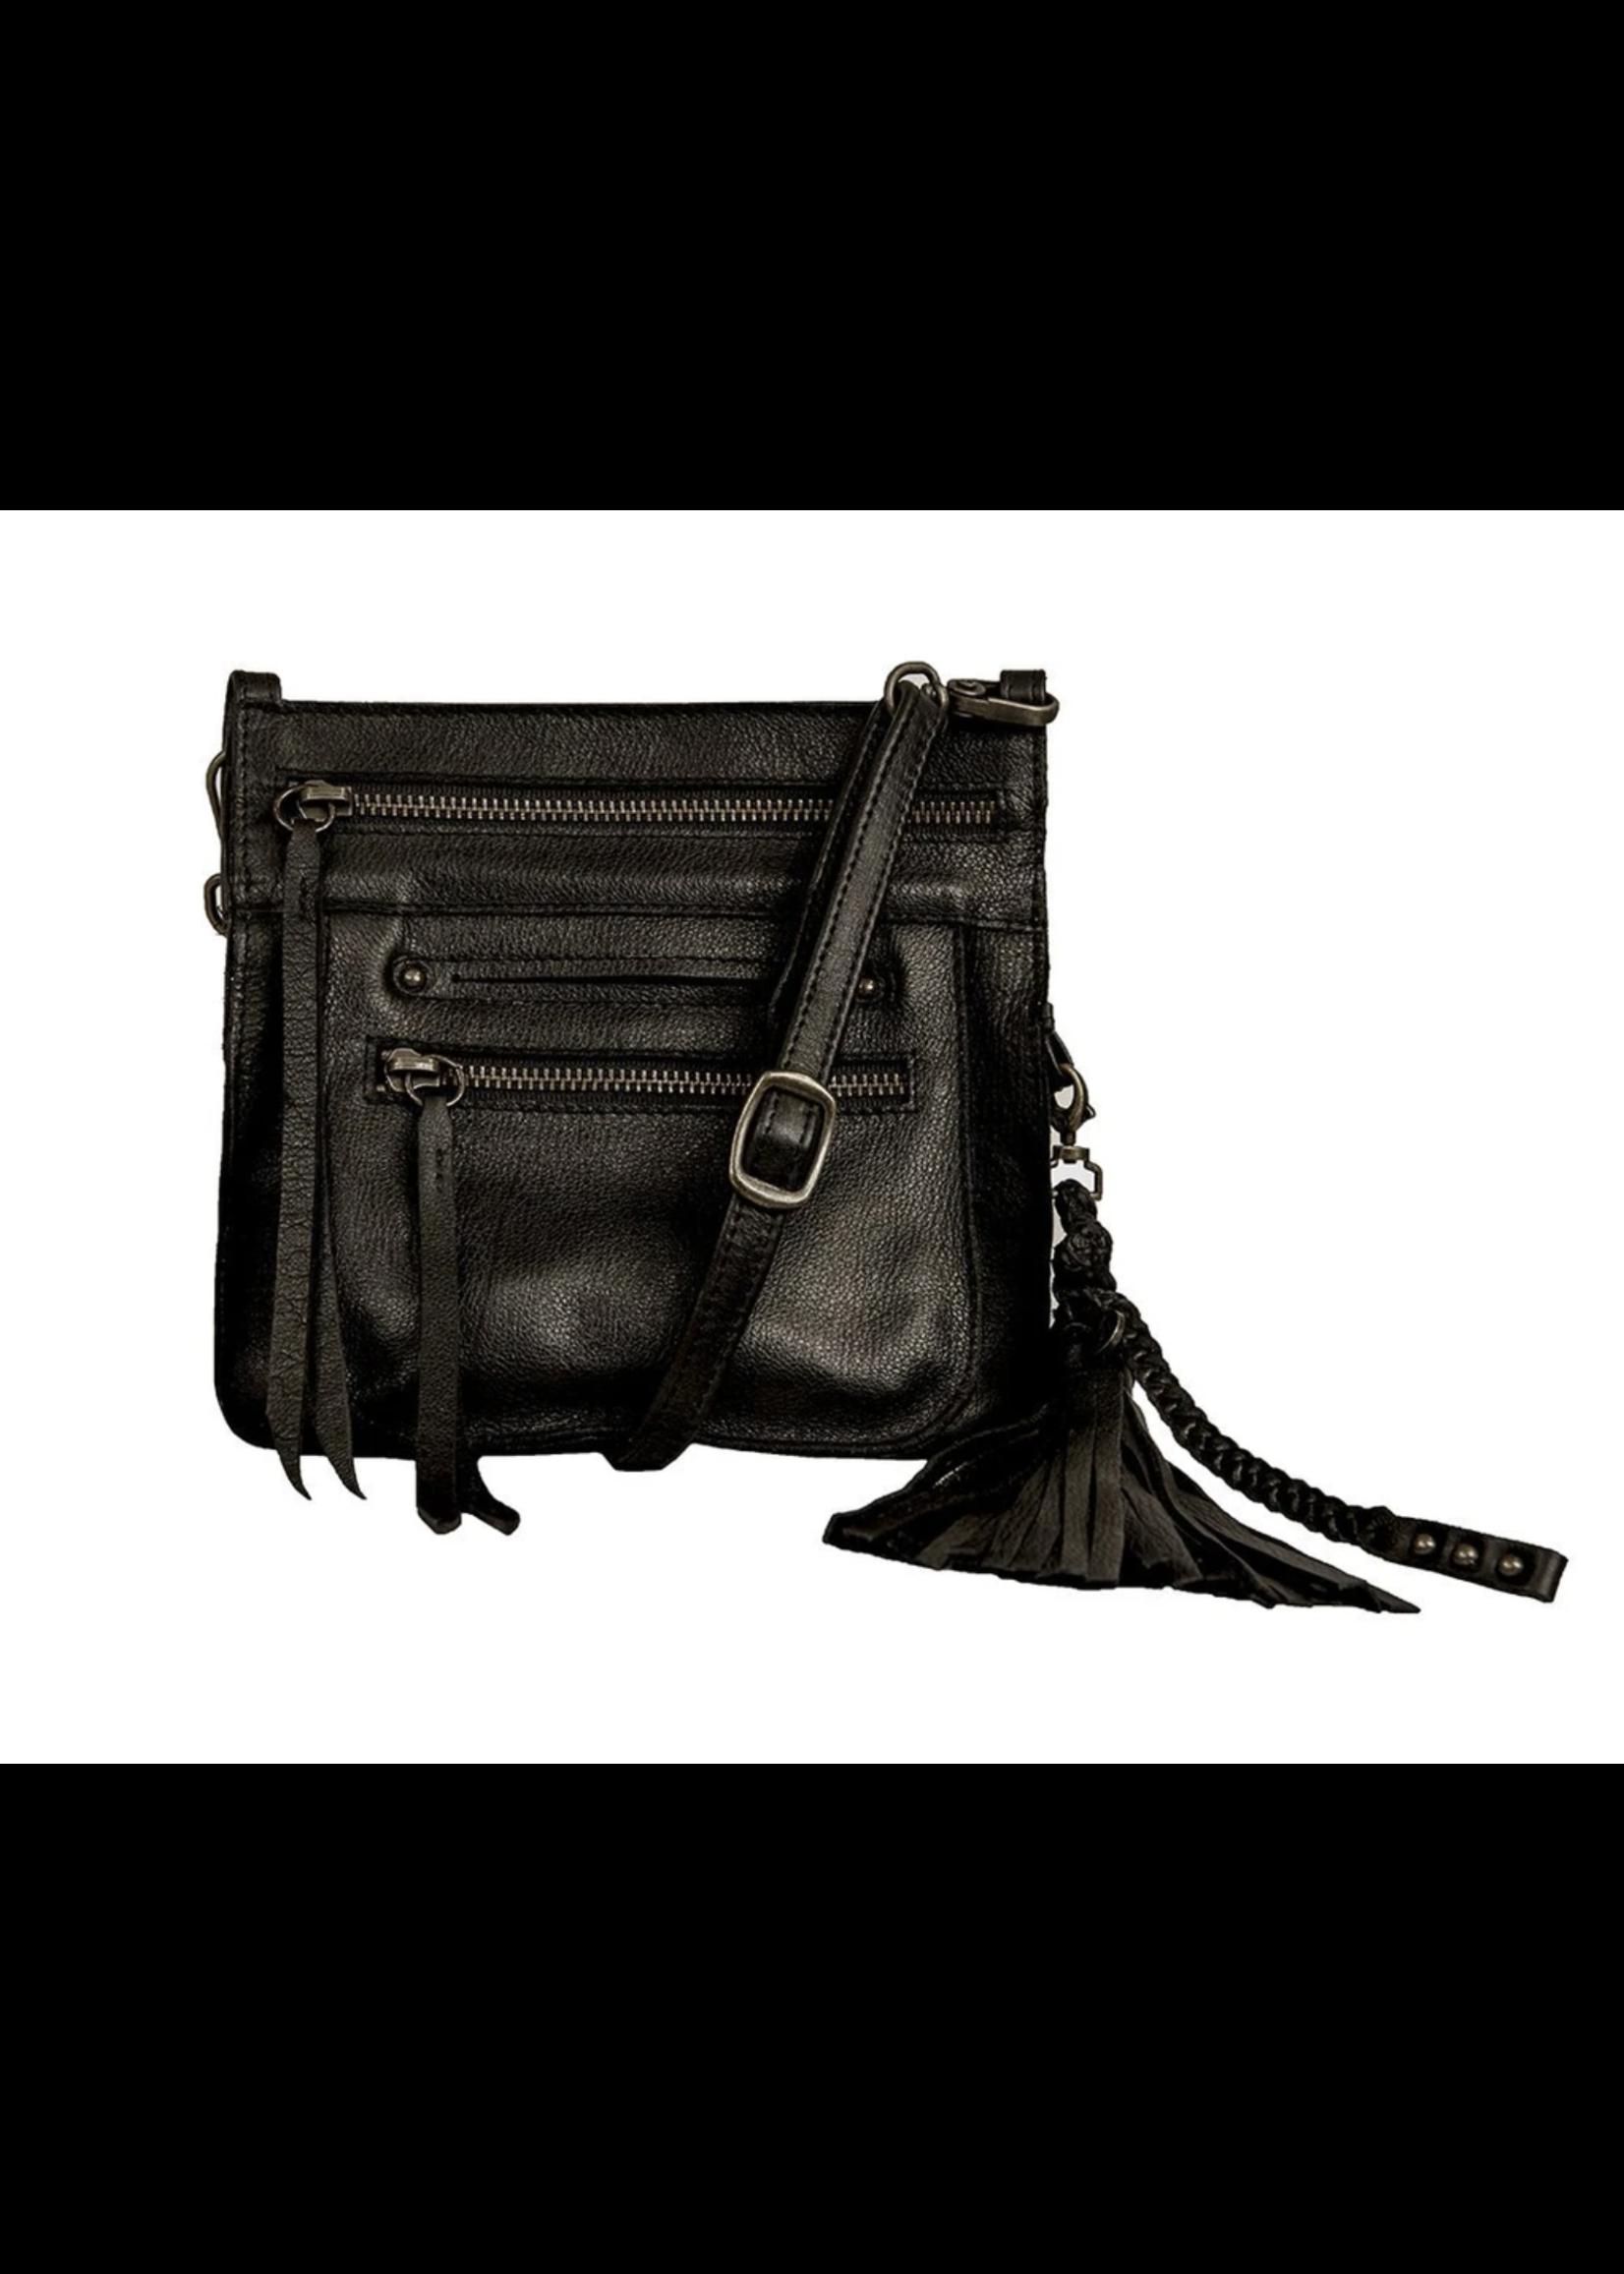 Embrazio Embrazio Stretta Small Crossbody/Belt Hip Bag